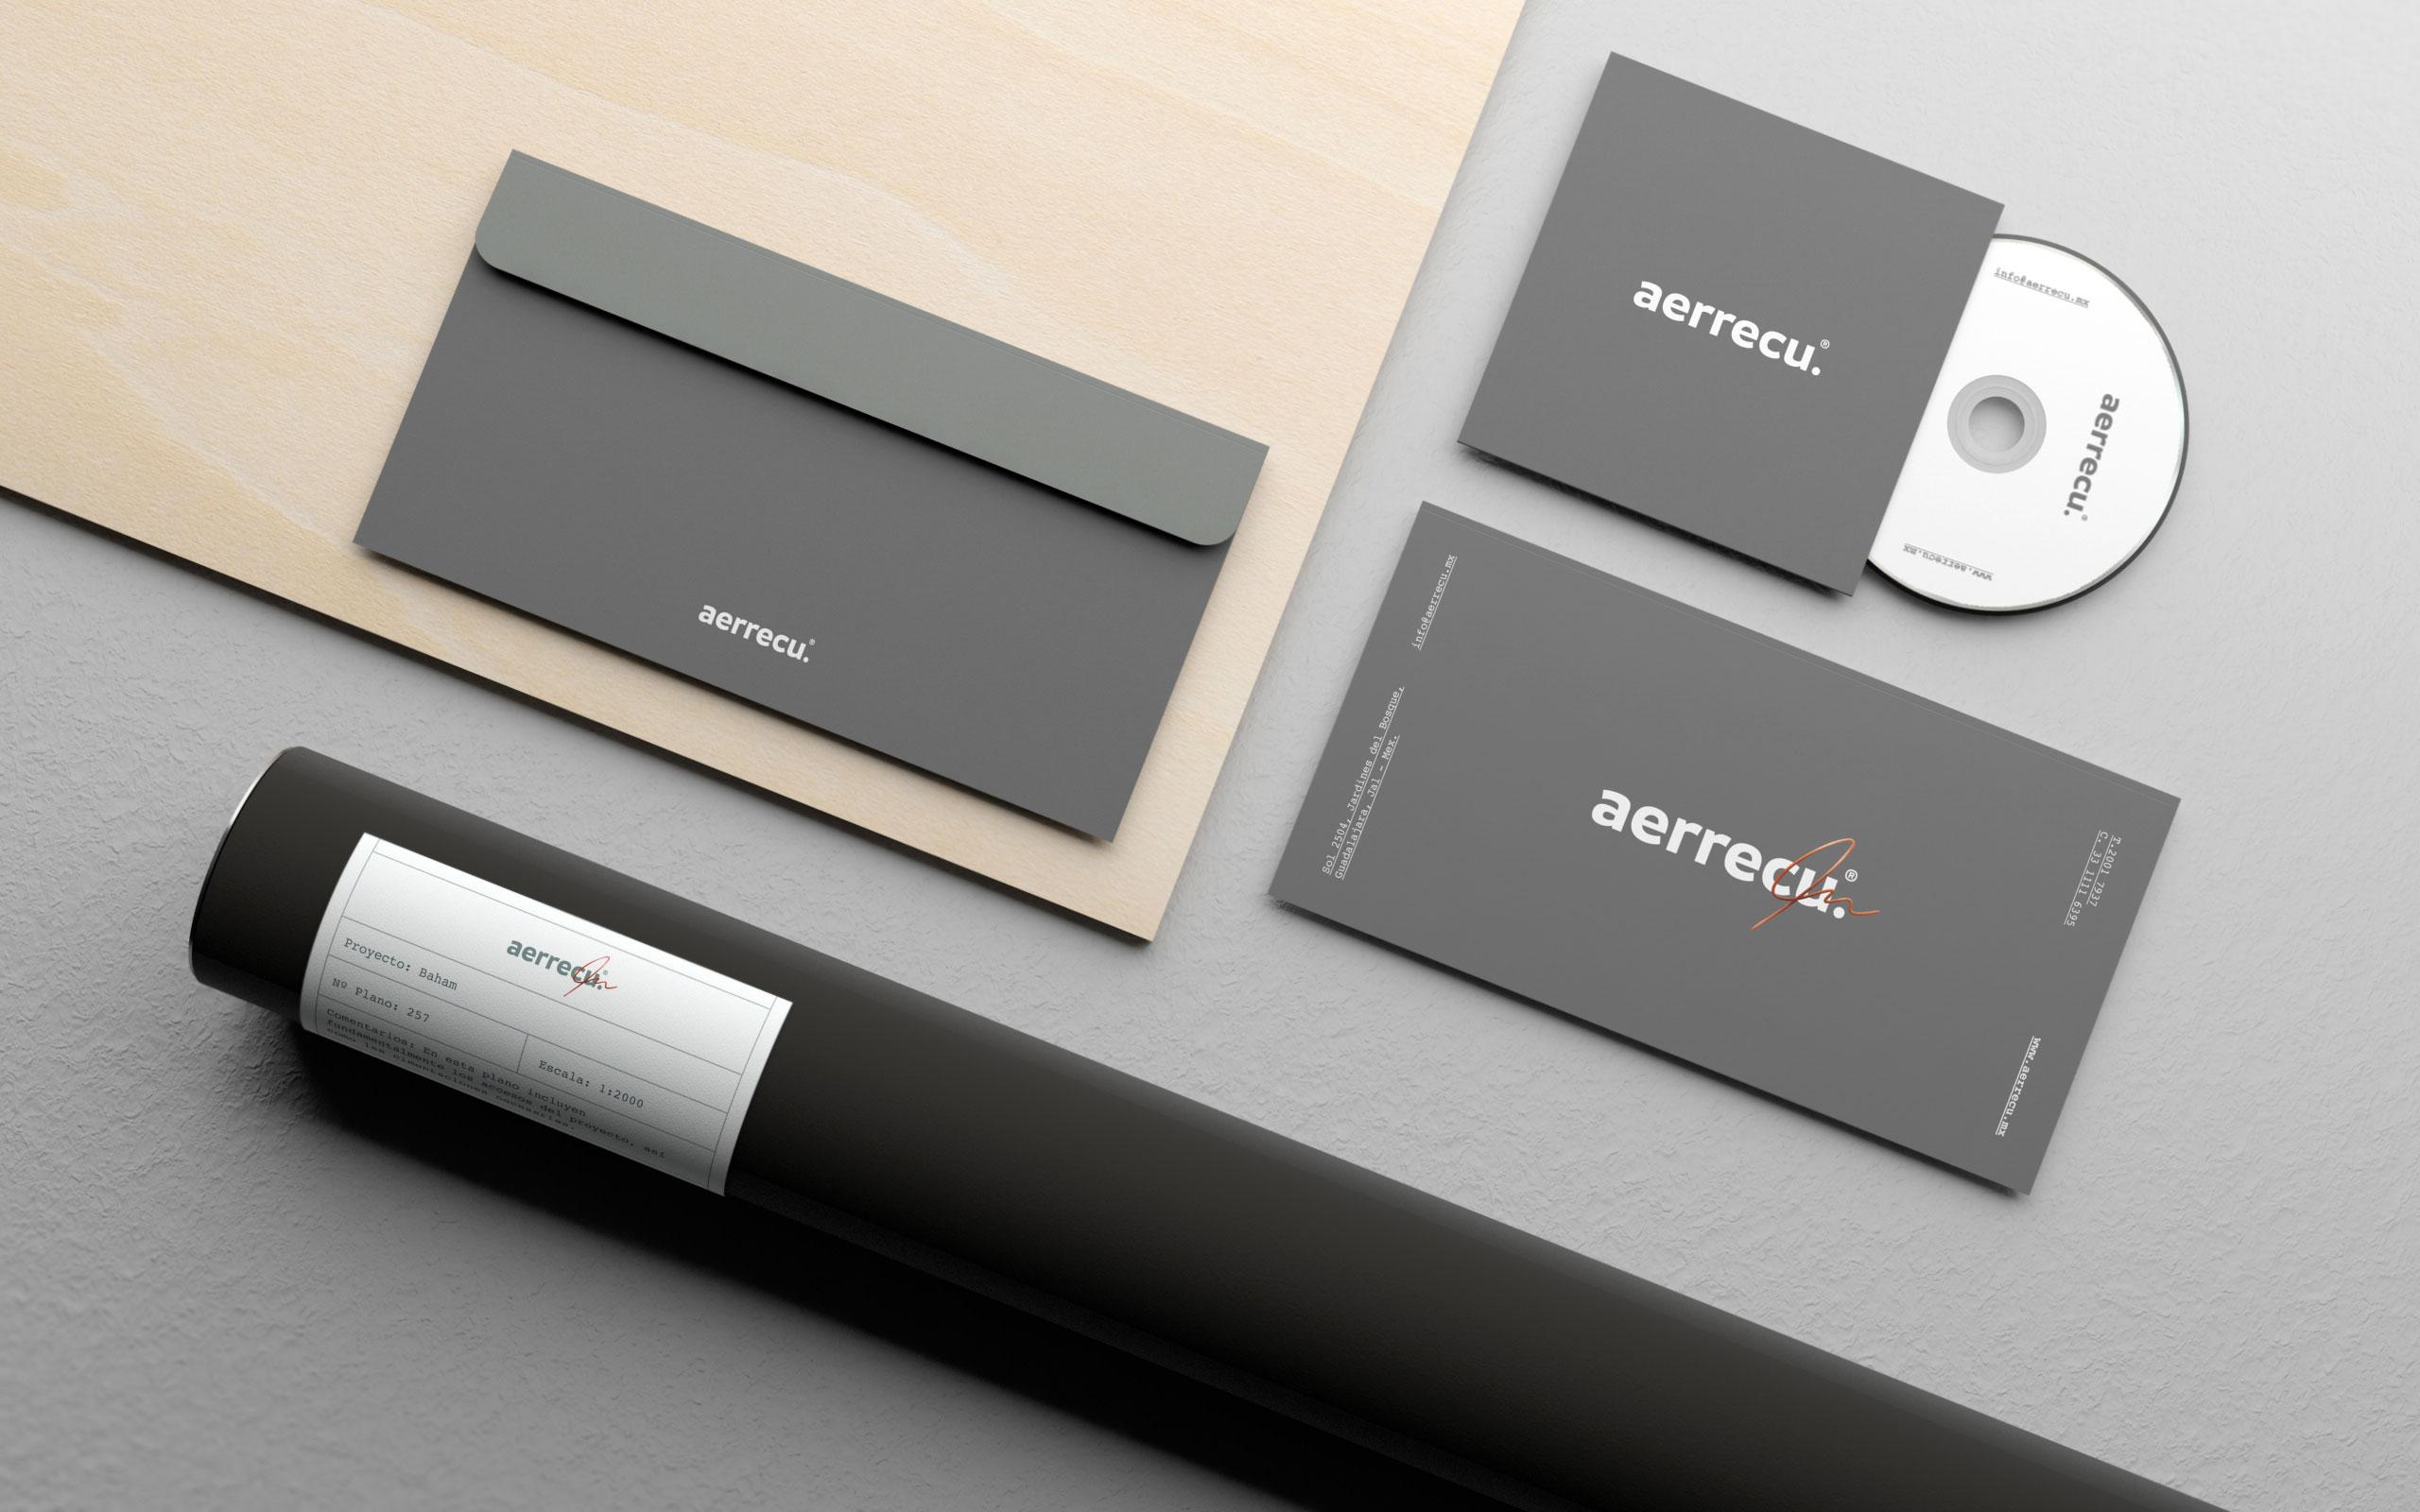 aerrecu-06